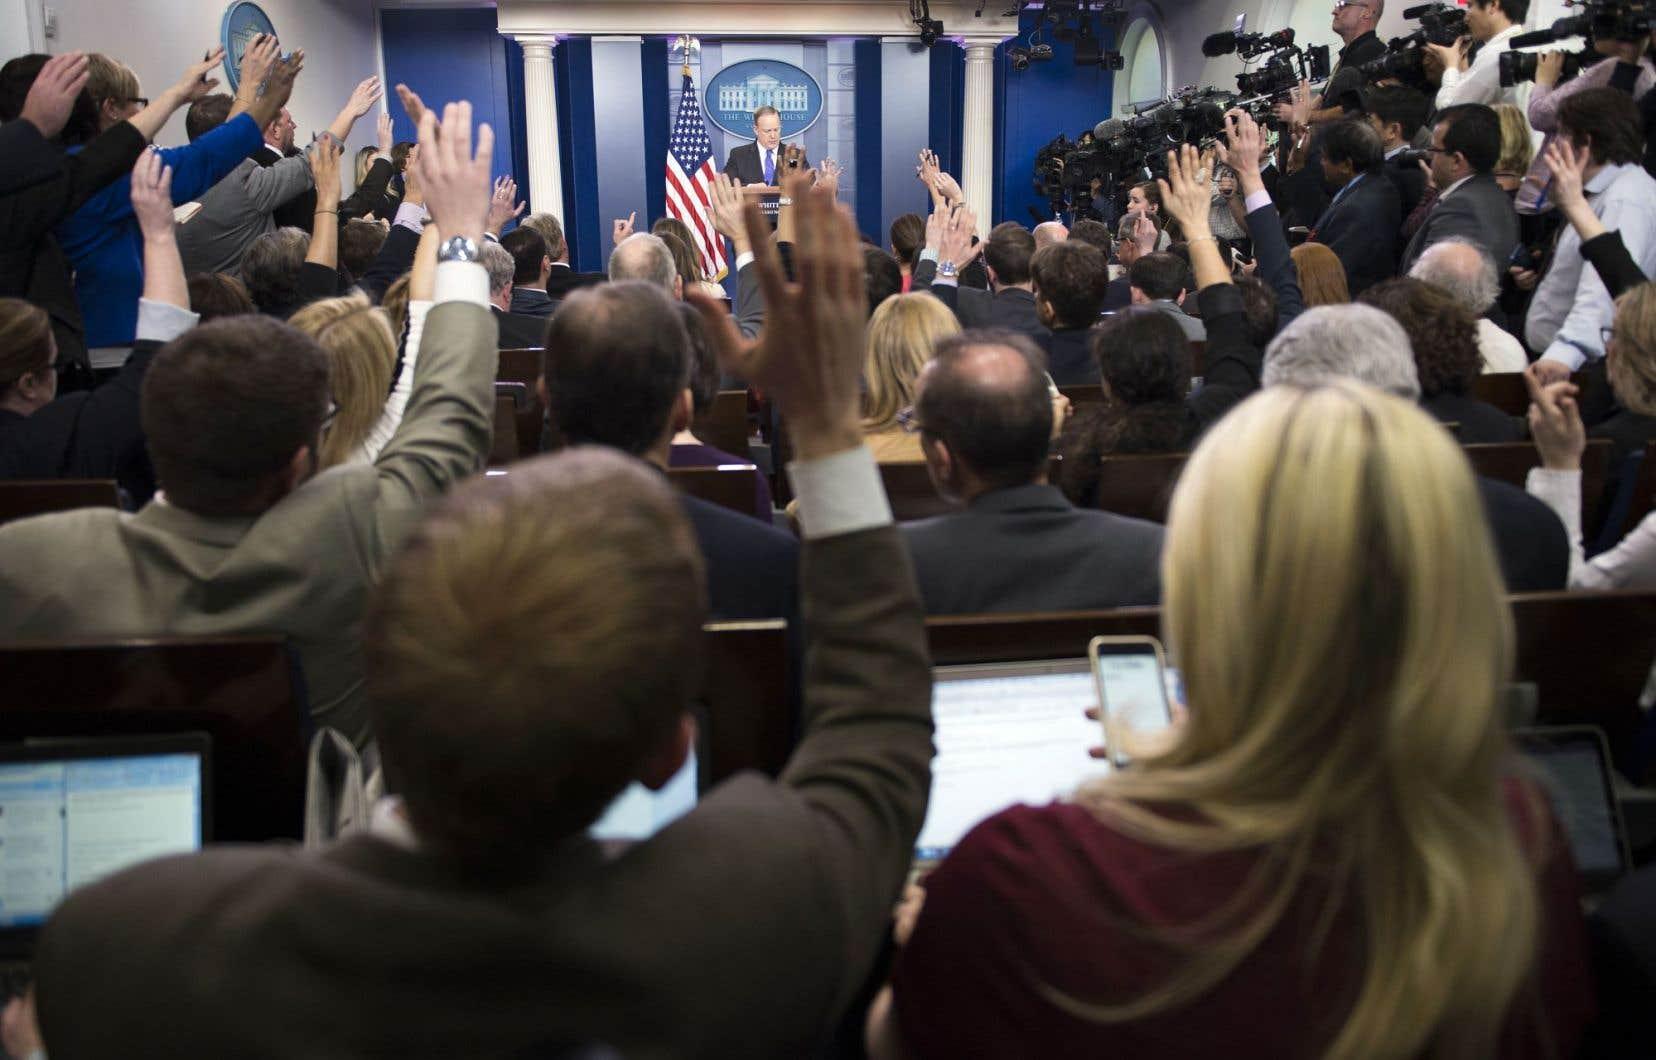 L'ère des «fausses nouvelles»: «Les journalistes vivent avec ça cette année, c'est le sujet de l'heure, dans les conférences, il y a beaucoup d'ateliers sur l'effet des fausses nouvelles, ça teinte le métier.»